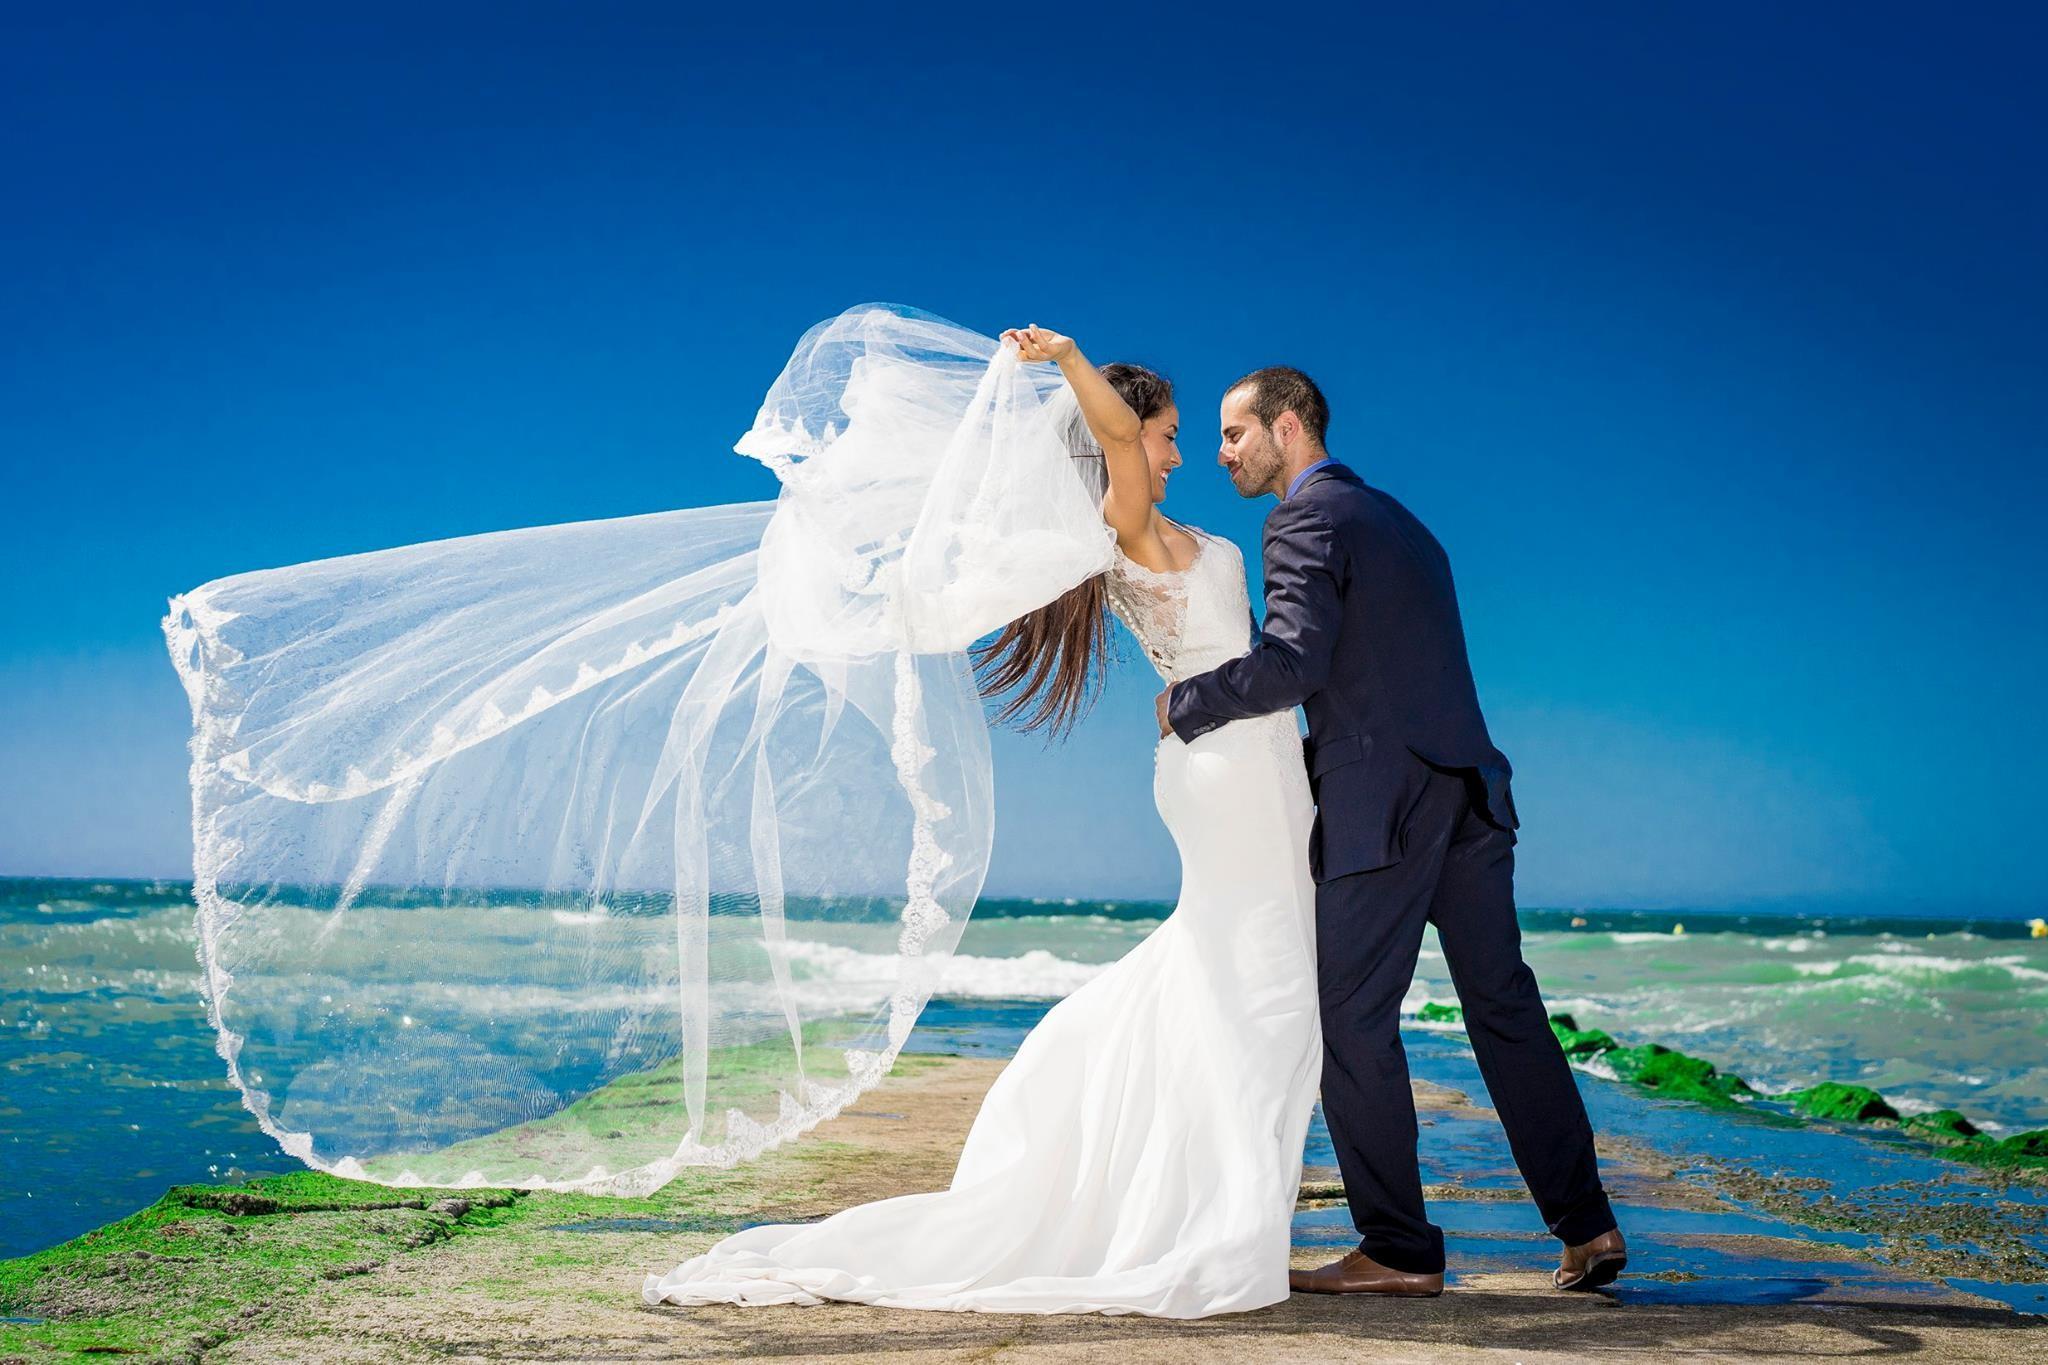 déroulement idéal pour un mariage des préparatifs à la pièce montée